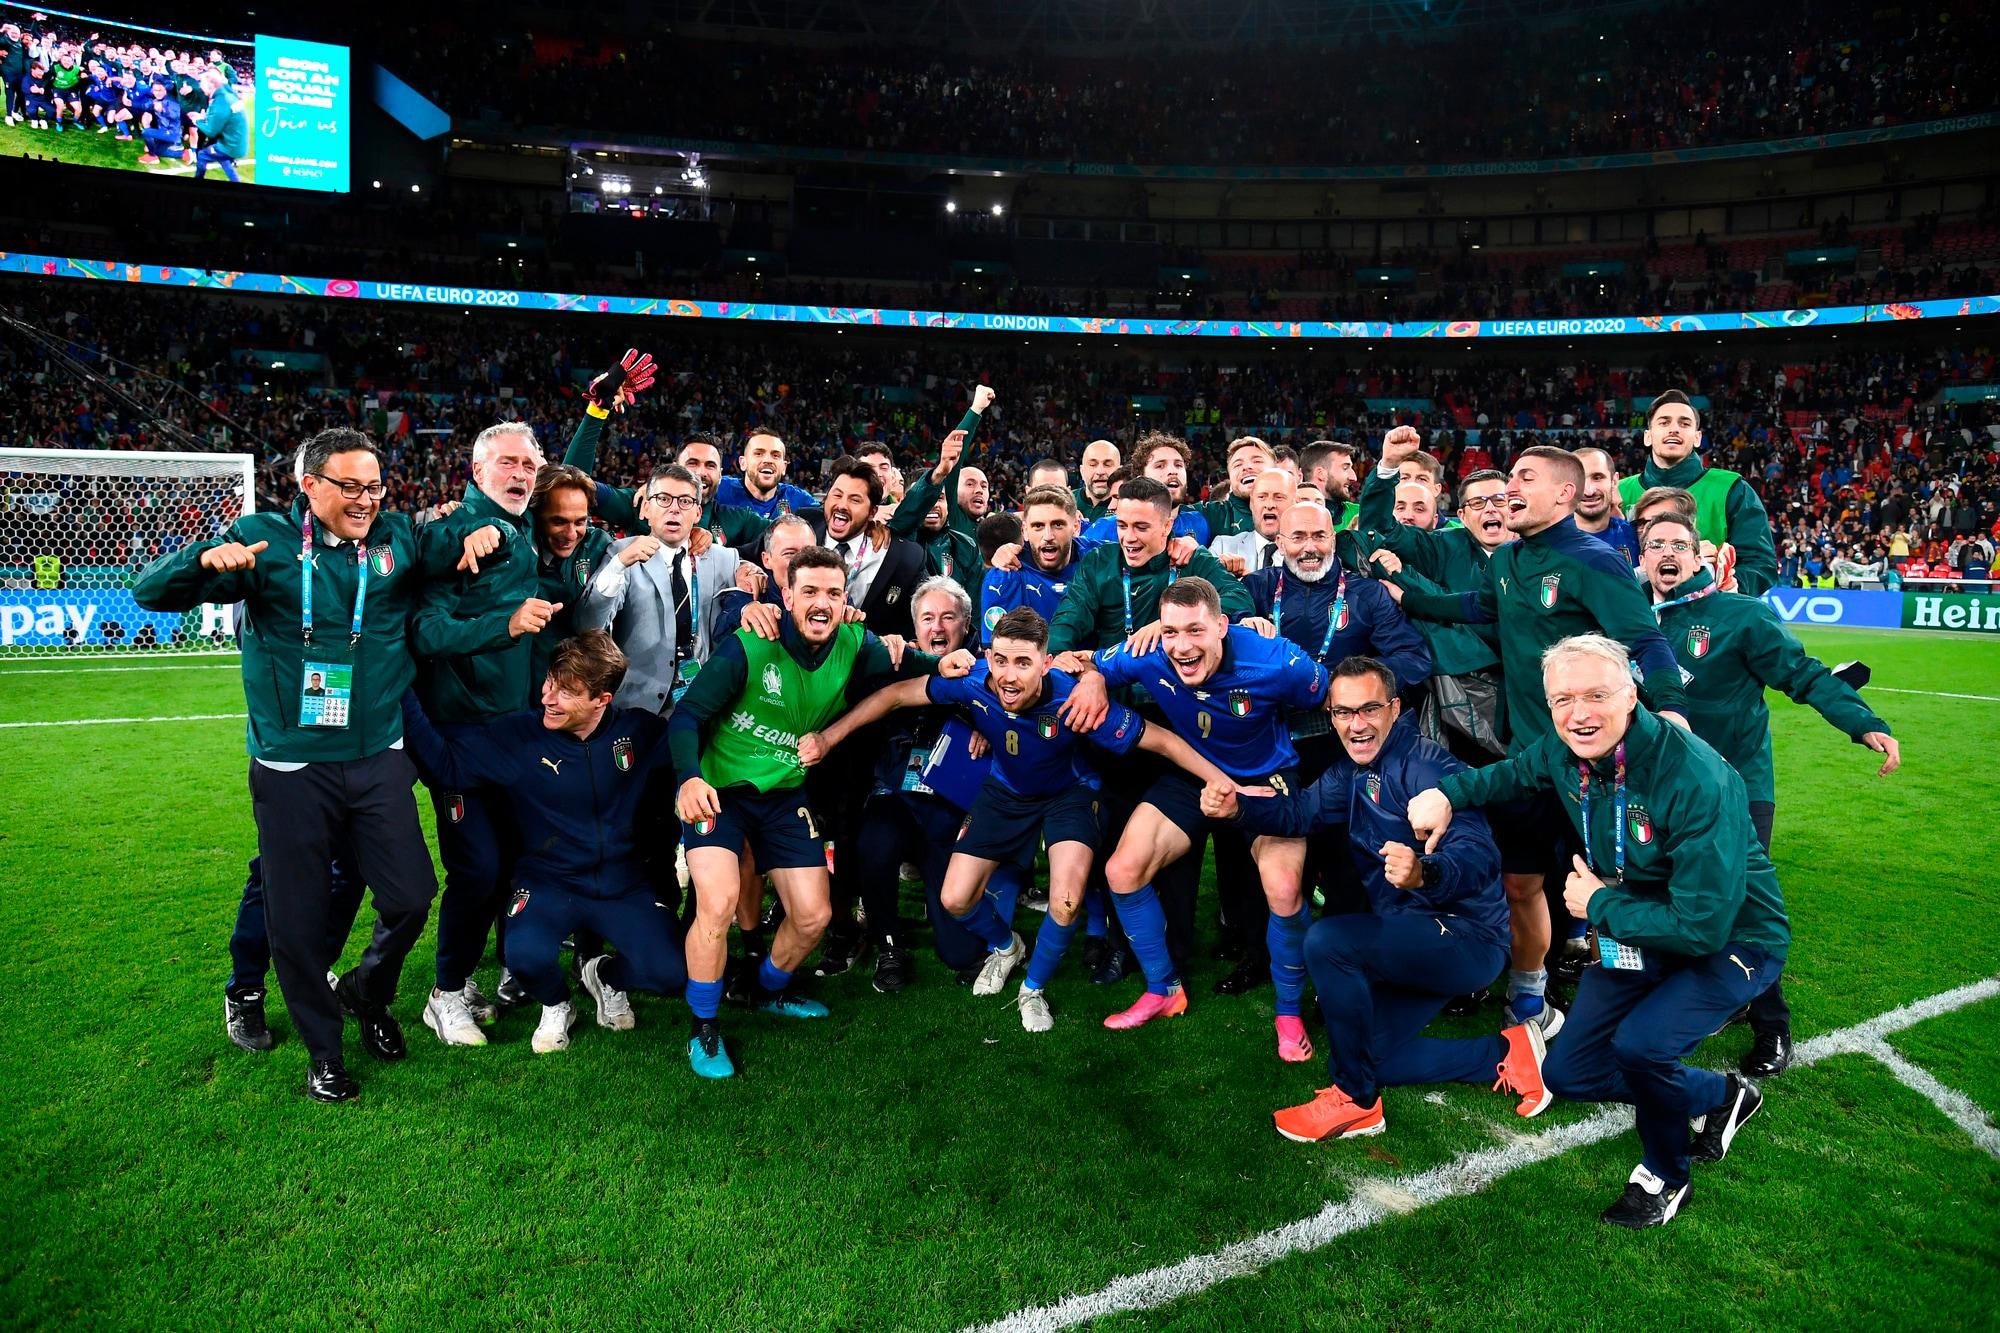 Italia batte Spagna: è finale! Jorginho segna il rigore decisivo